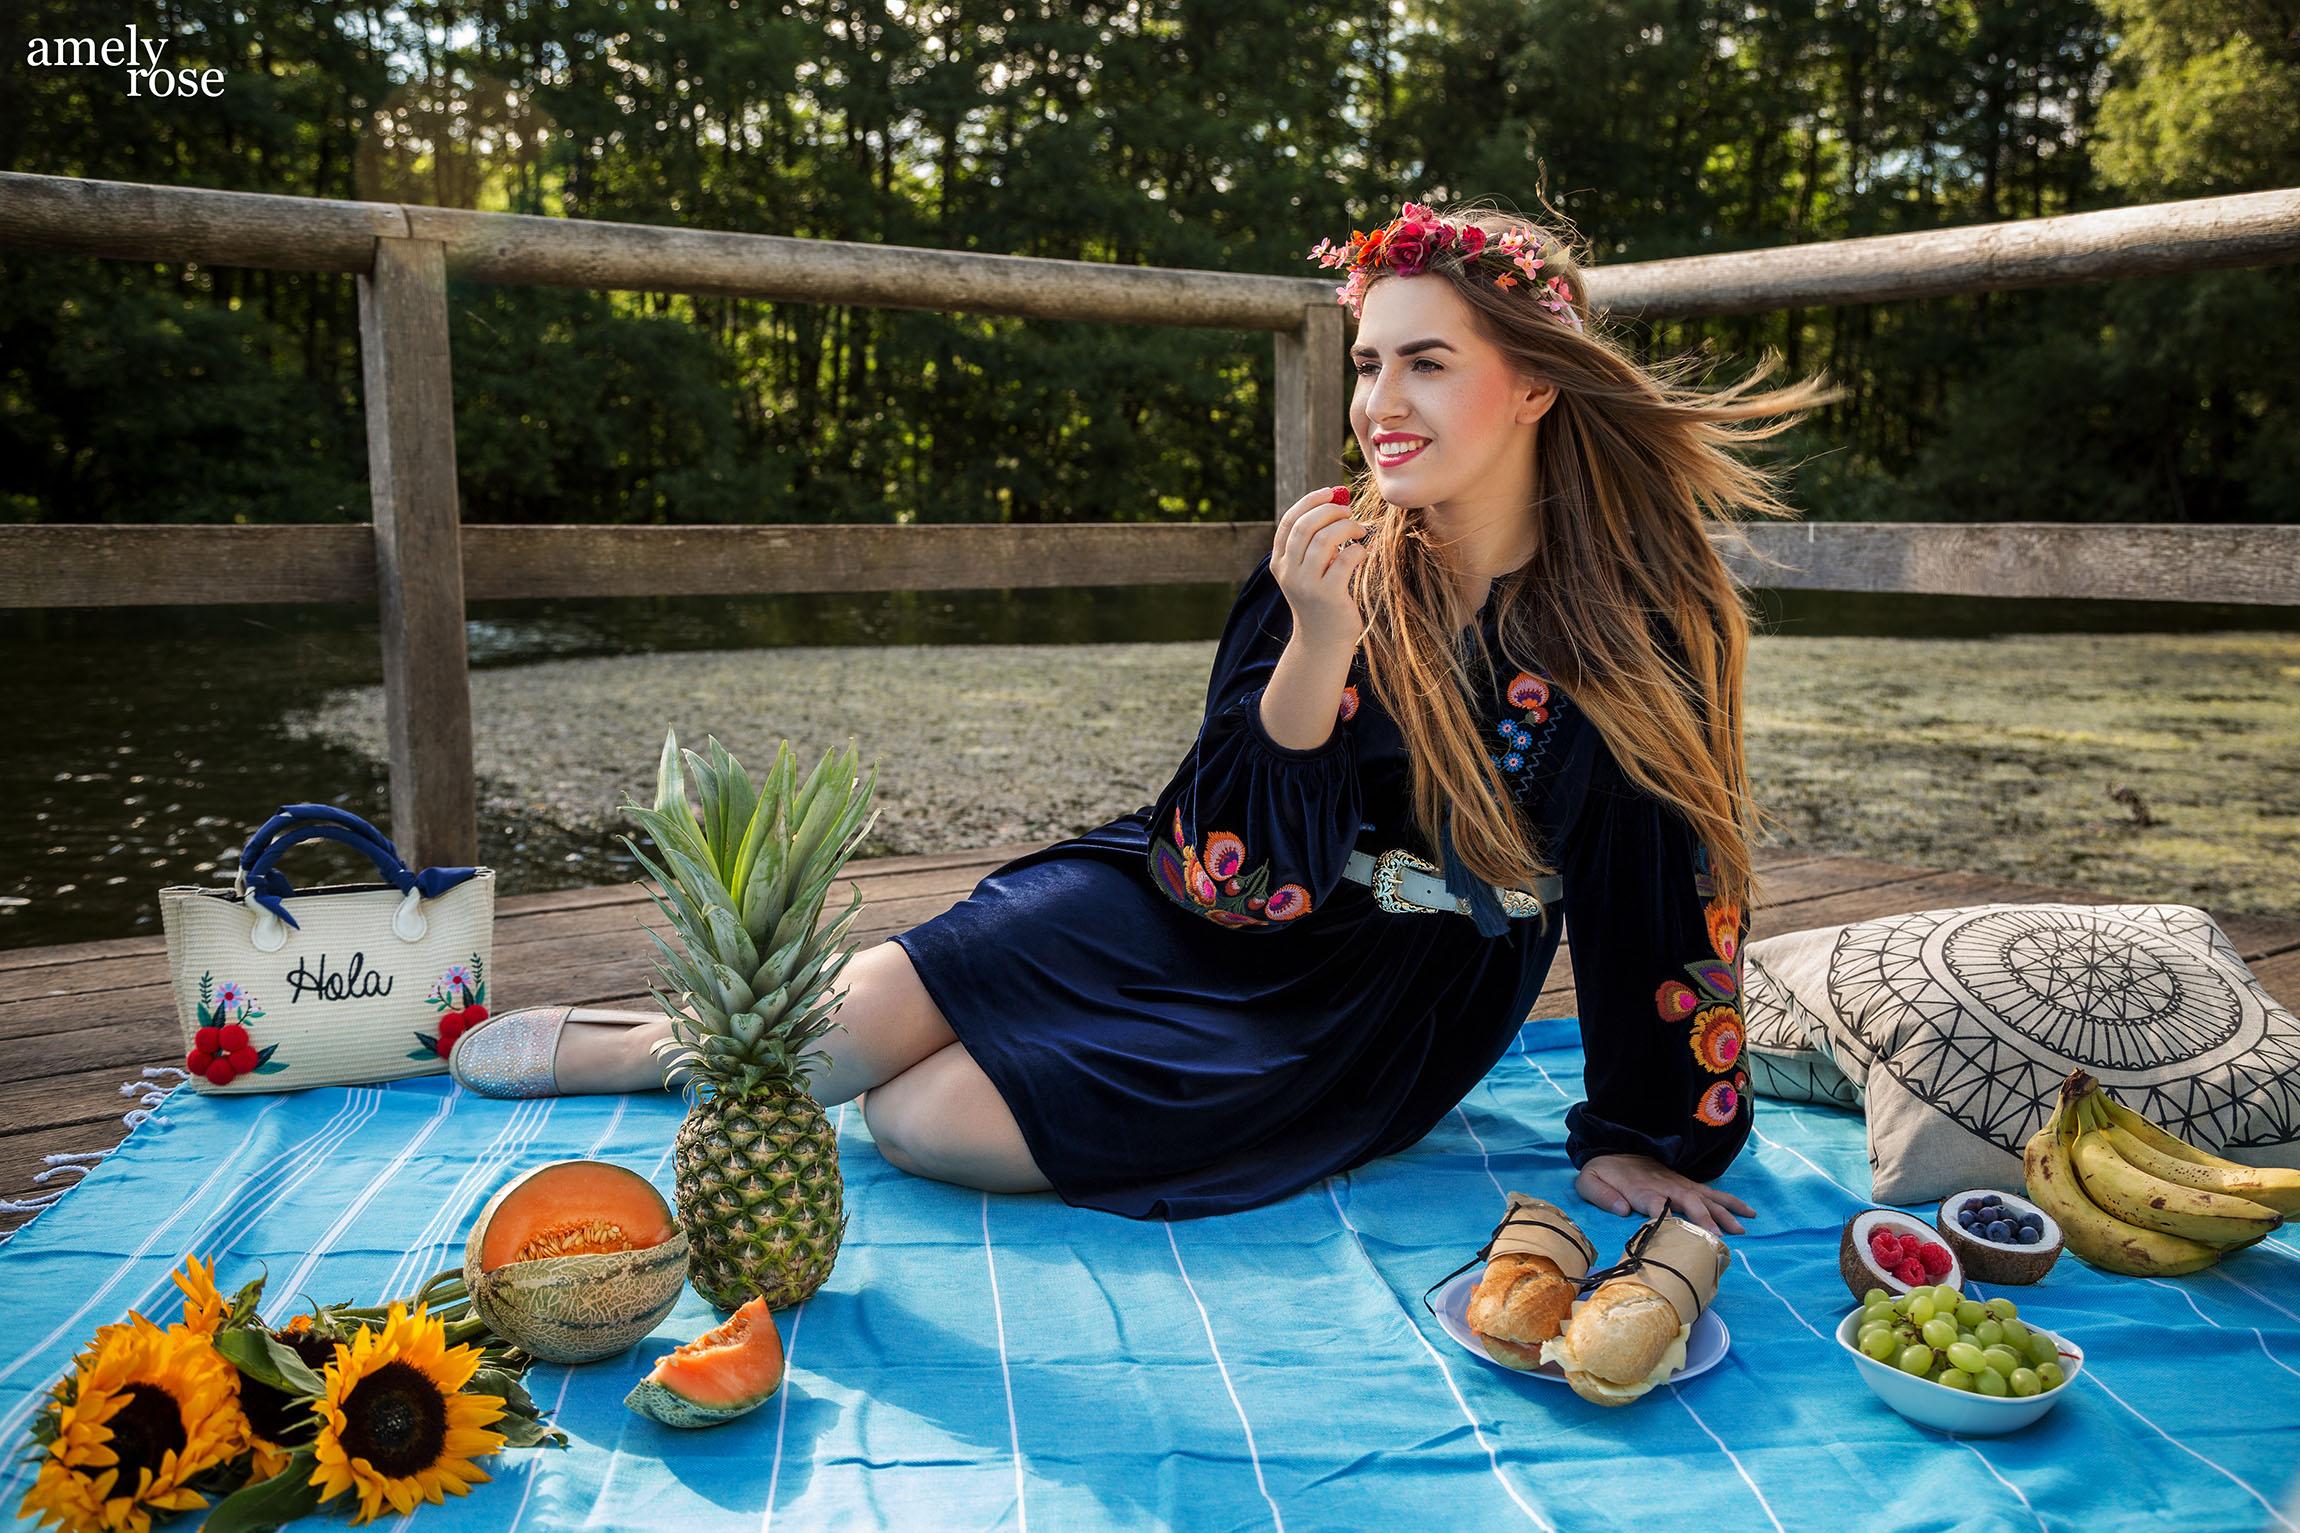 Amely rose verbringt den sommer am strand und zeigt euch die wichtigsten beach essentials. Wichtig eine stranddecke oder picknickdecke von jaliya. Die handgearbeiteten raditionellen tücher könnt ihr auch für euer hamam benutzen.